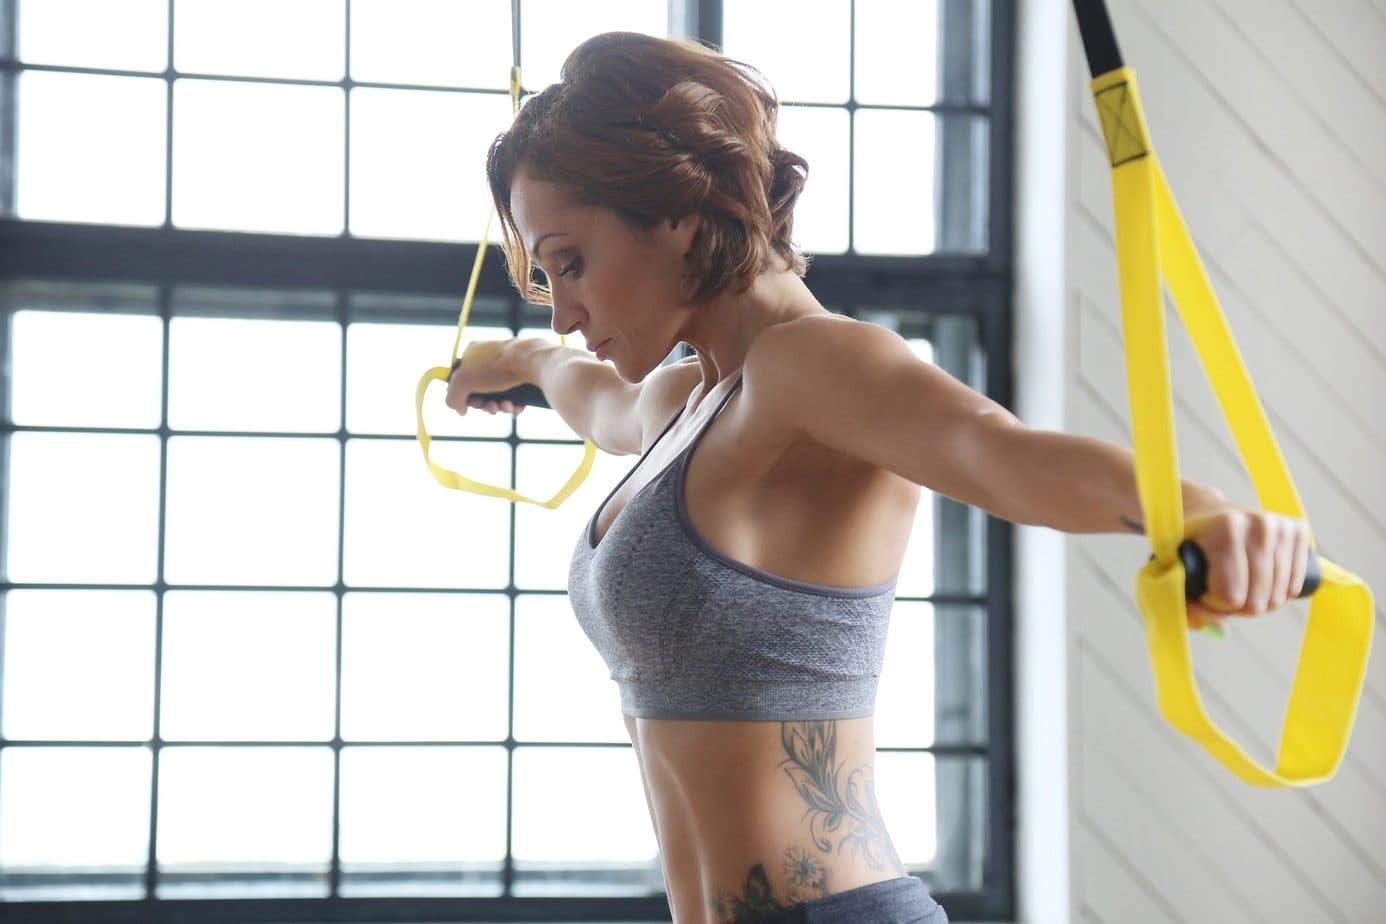 Najskuteczniejsze ćwiczenia na jędrny biust – do wykonania na siłowni i w domu!